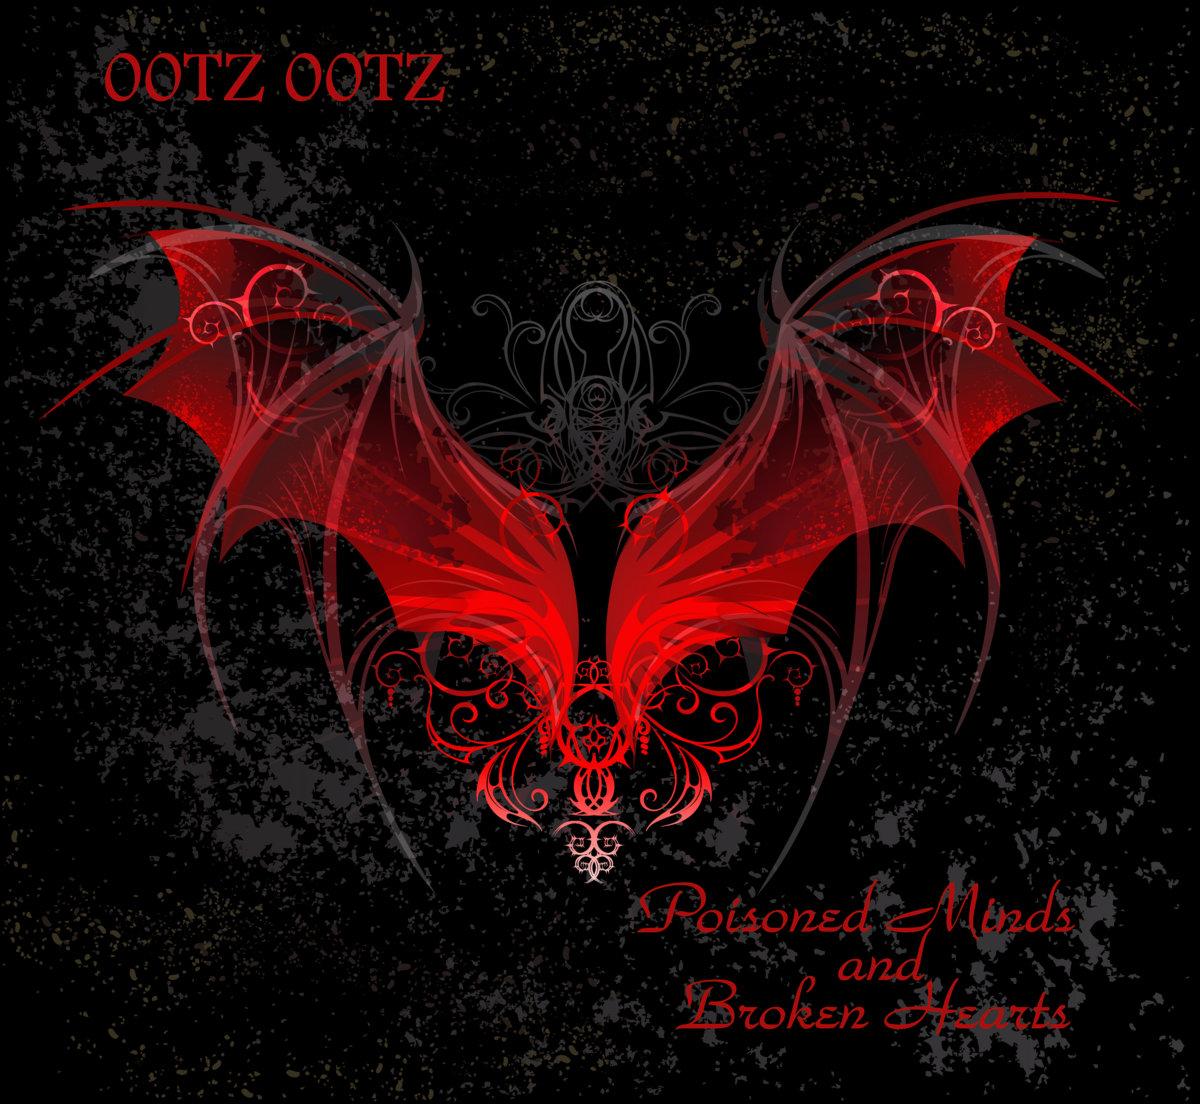 Poisoned Minds And Broken Hearts 00tz 00tz